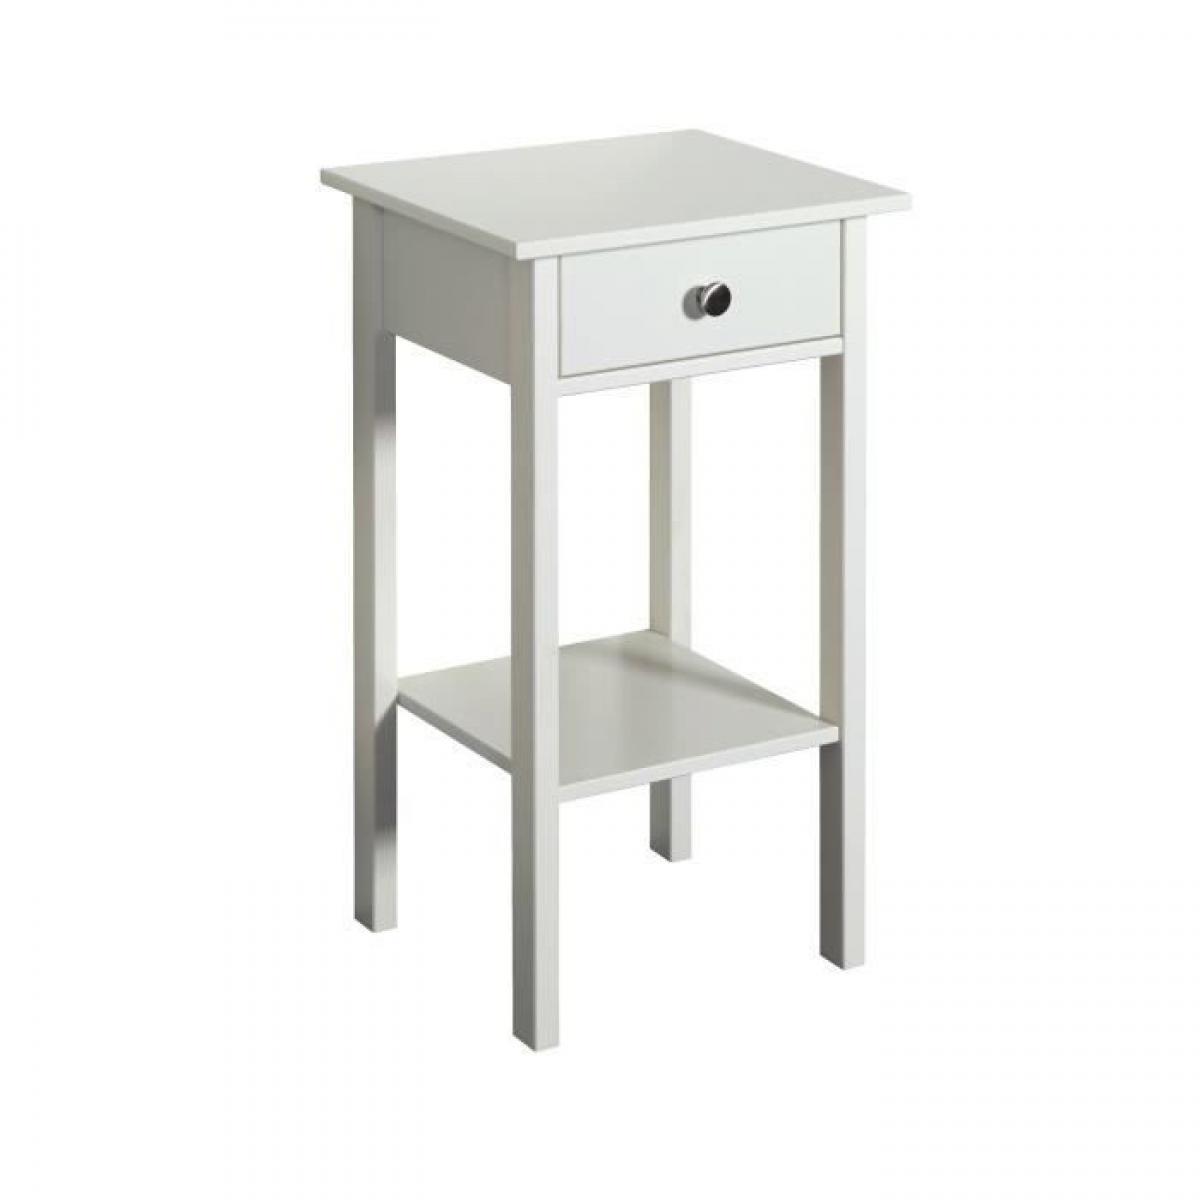 Sans Marque TROMSO Chevet 1 tiroir - Laque blanc MDF - L 40 x P 35,5 x H 70 cm